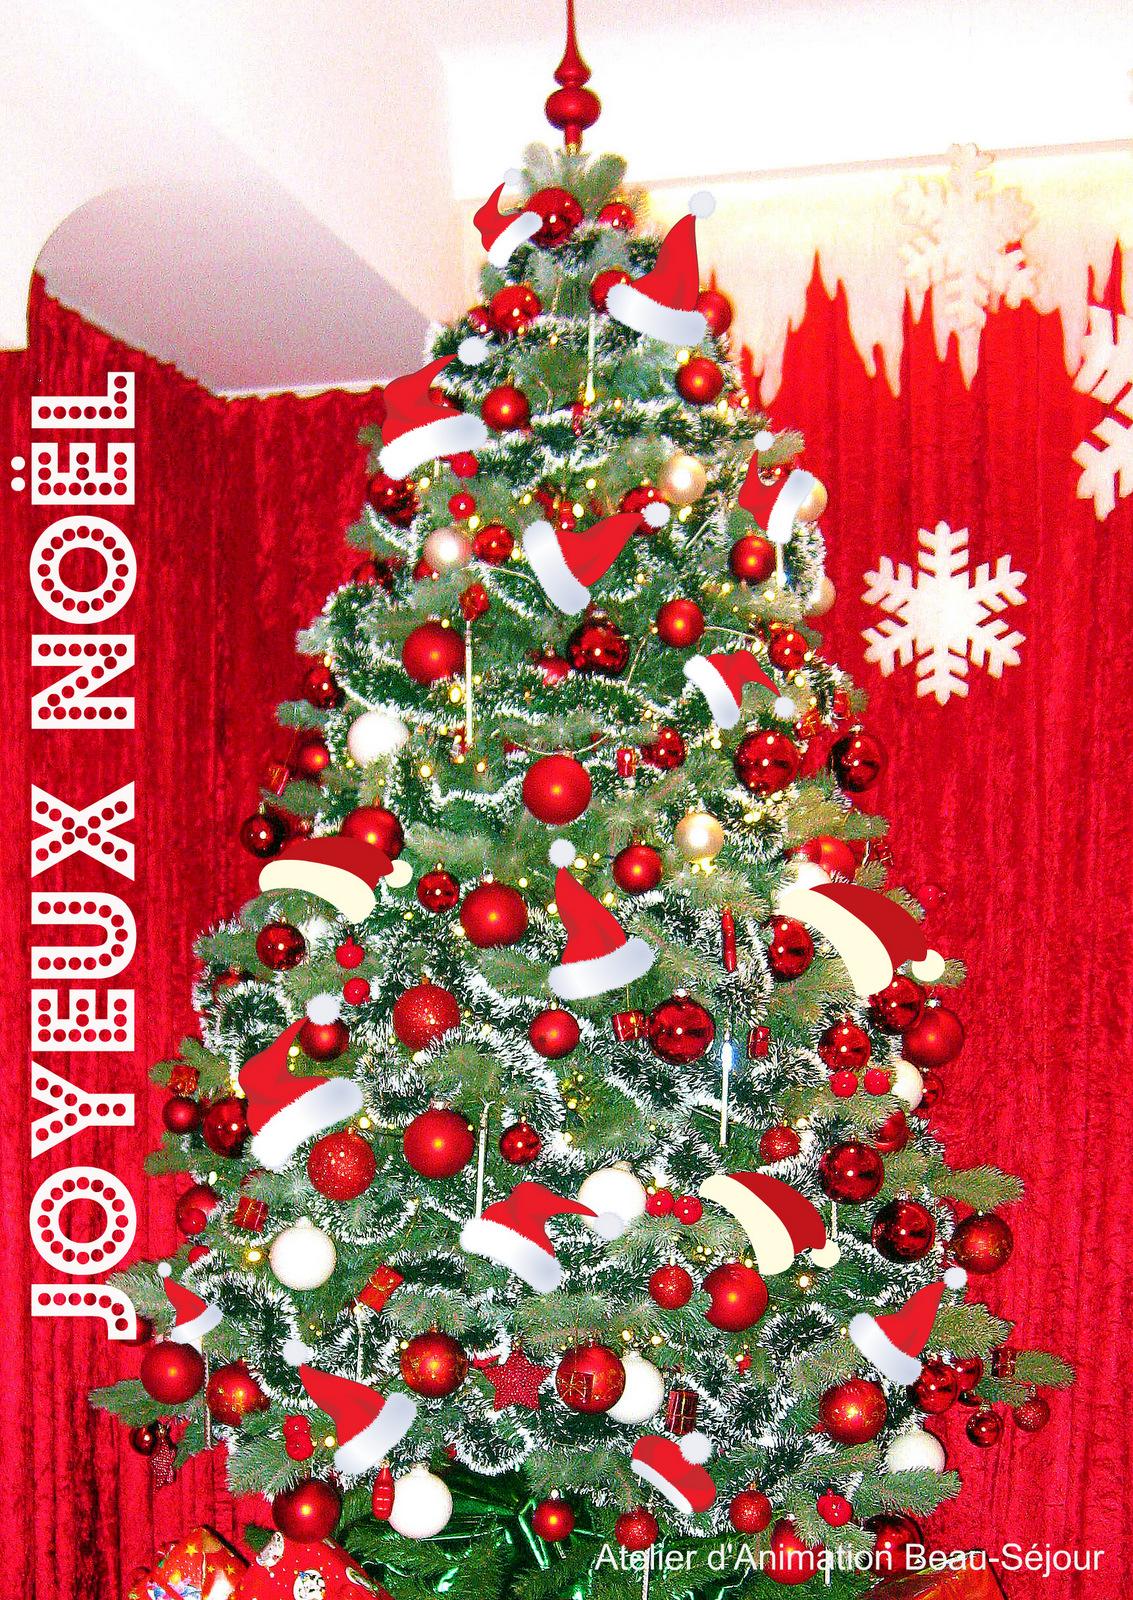 #BF0C1C Décorer Harmonieusement Son Sapin Et Son Balcon Pour Noël  5435 decorations de noel geneve 1133x1600 px @ aertt.com